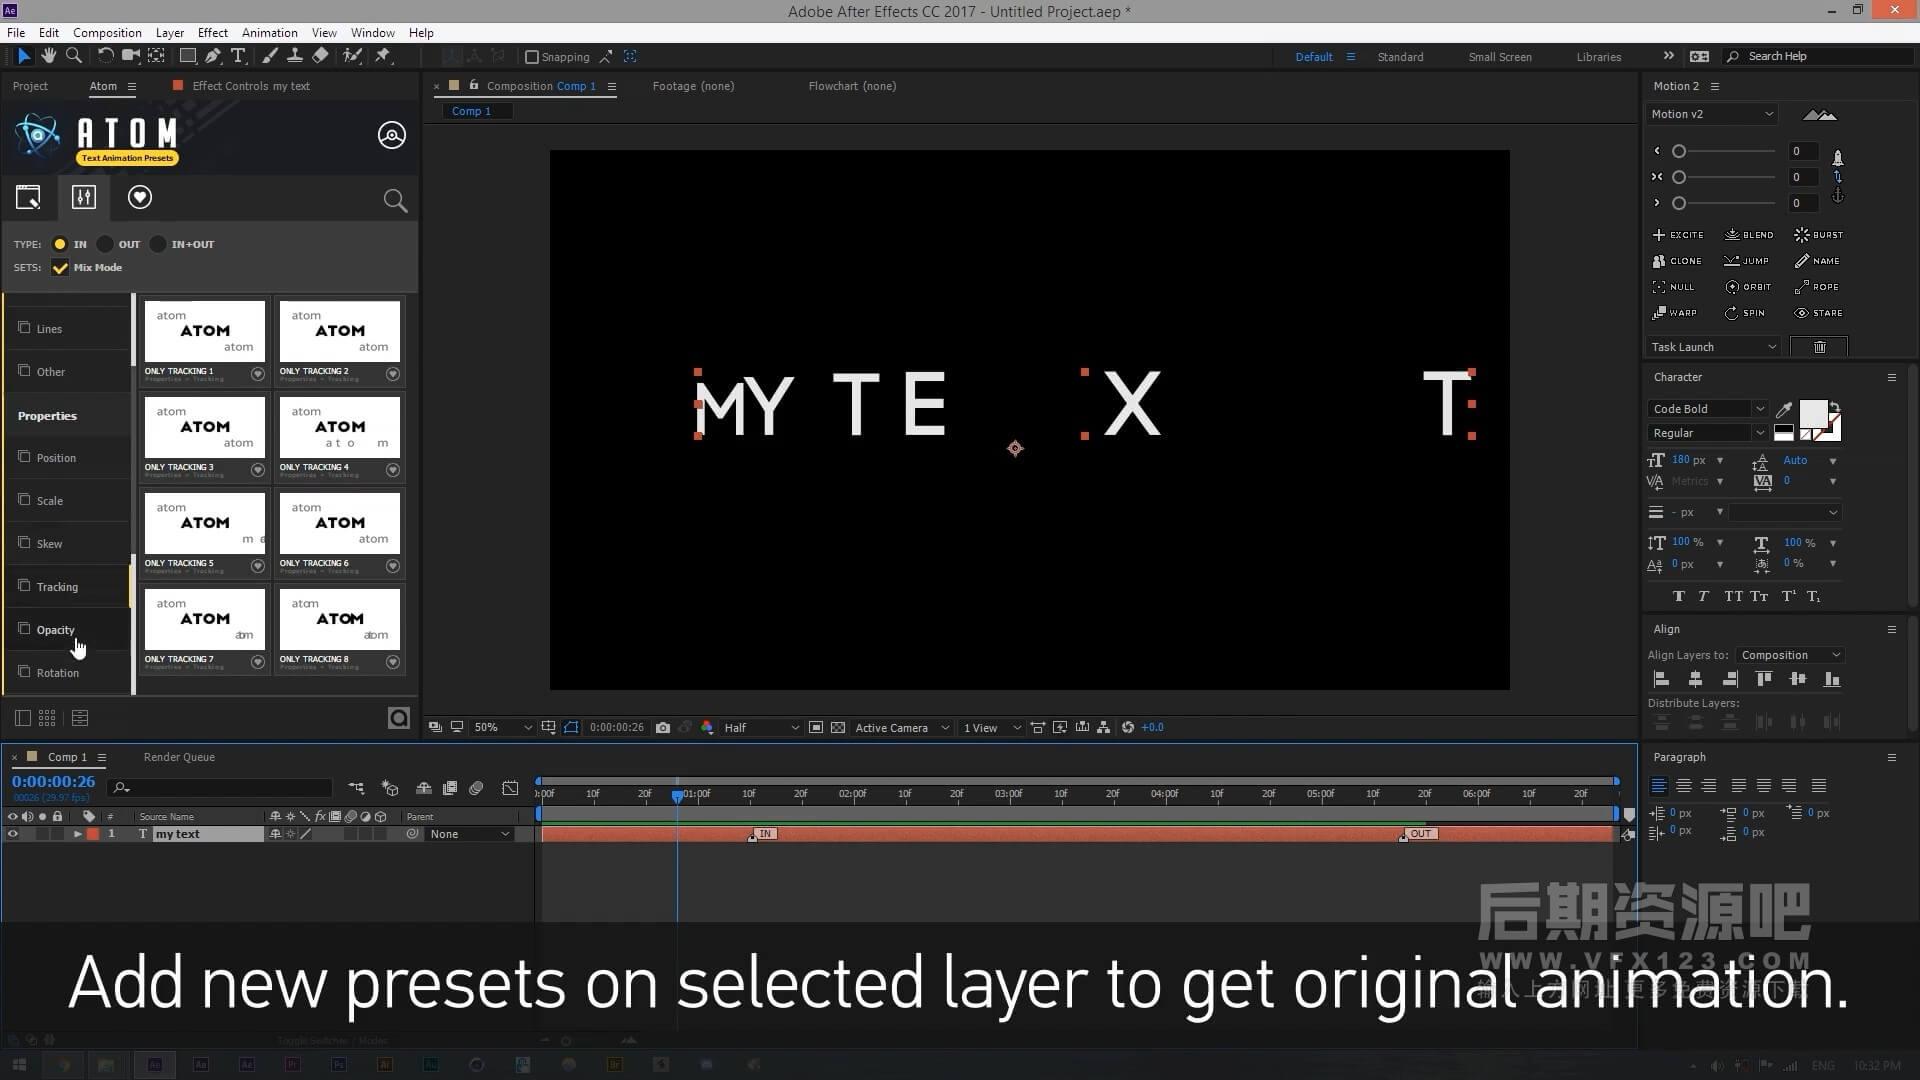 AE脚本 700组一键快速给文字添加进入退出动画预设 Text Presets Win+Mac